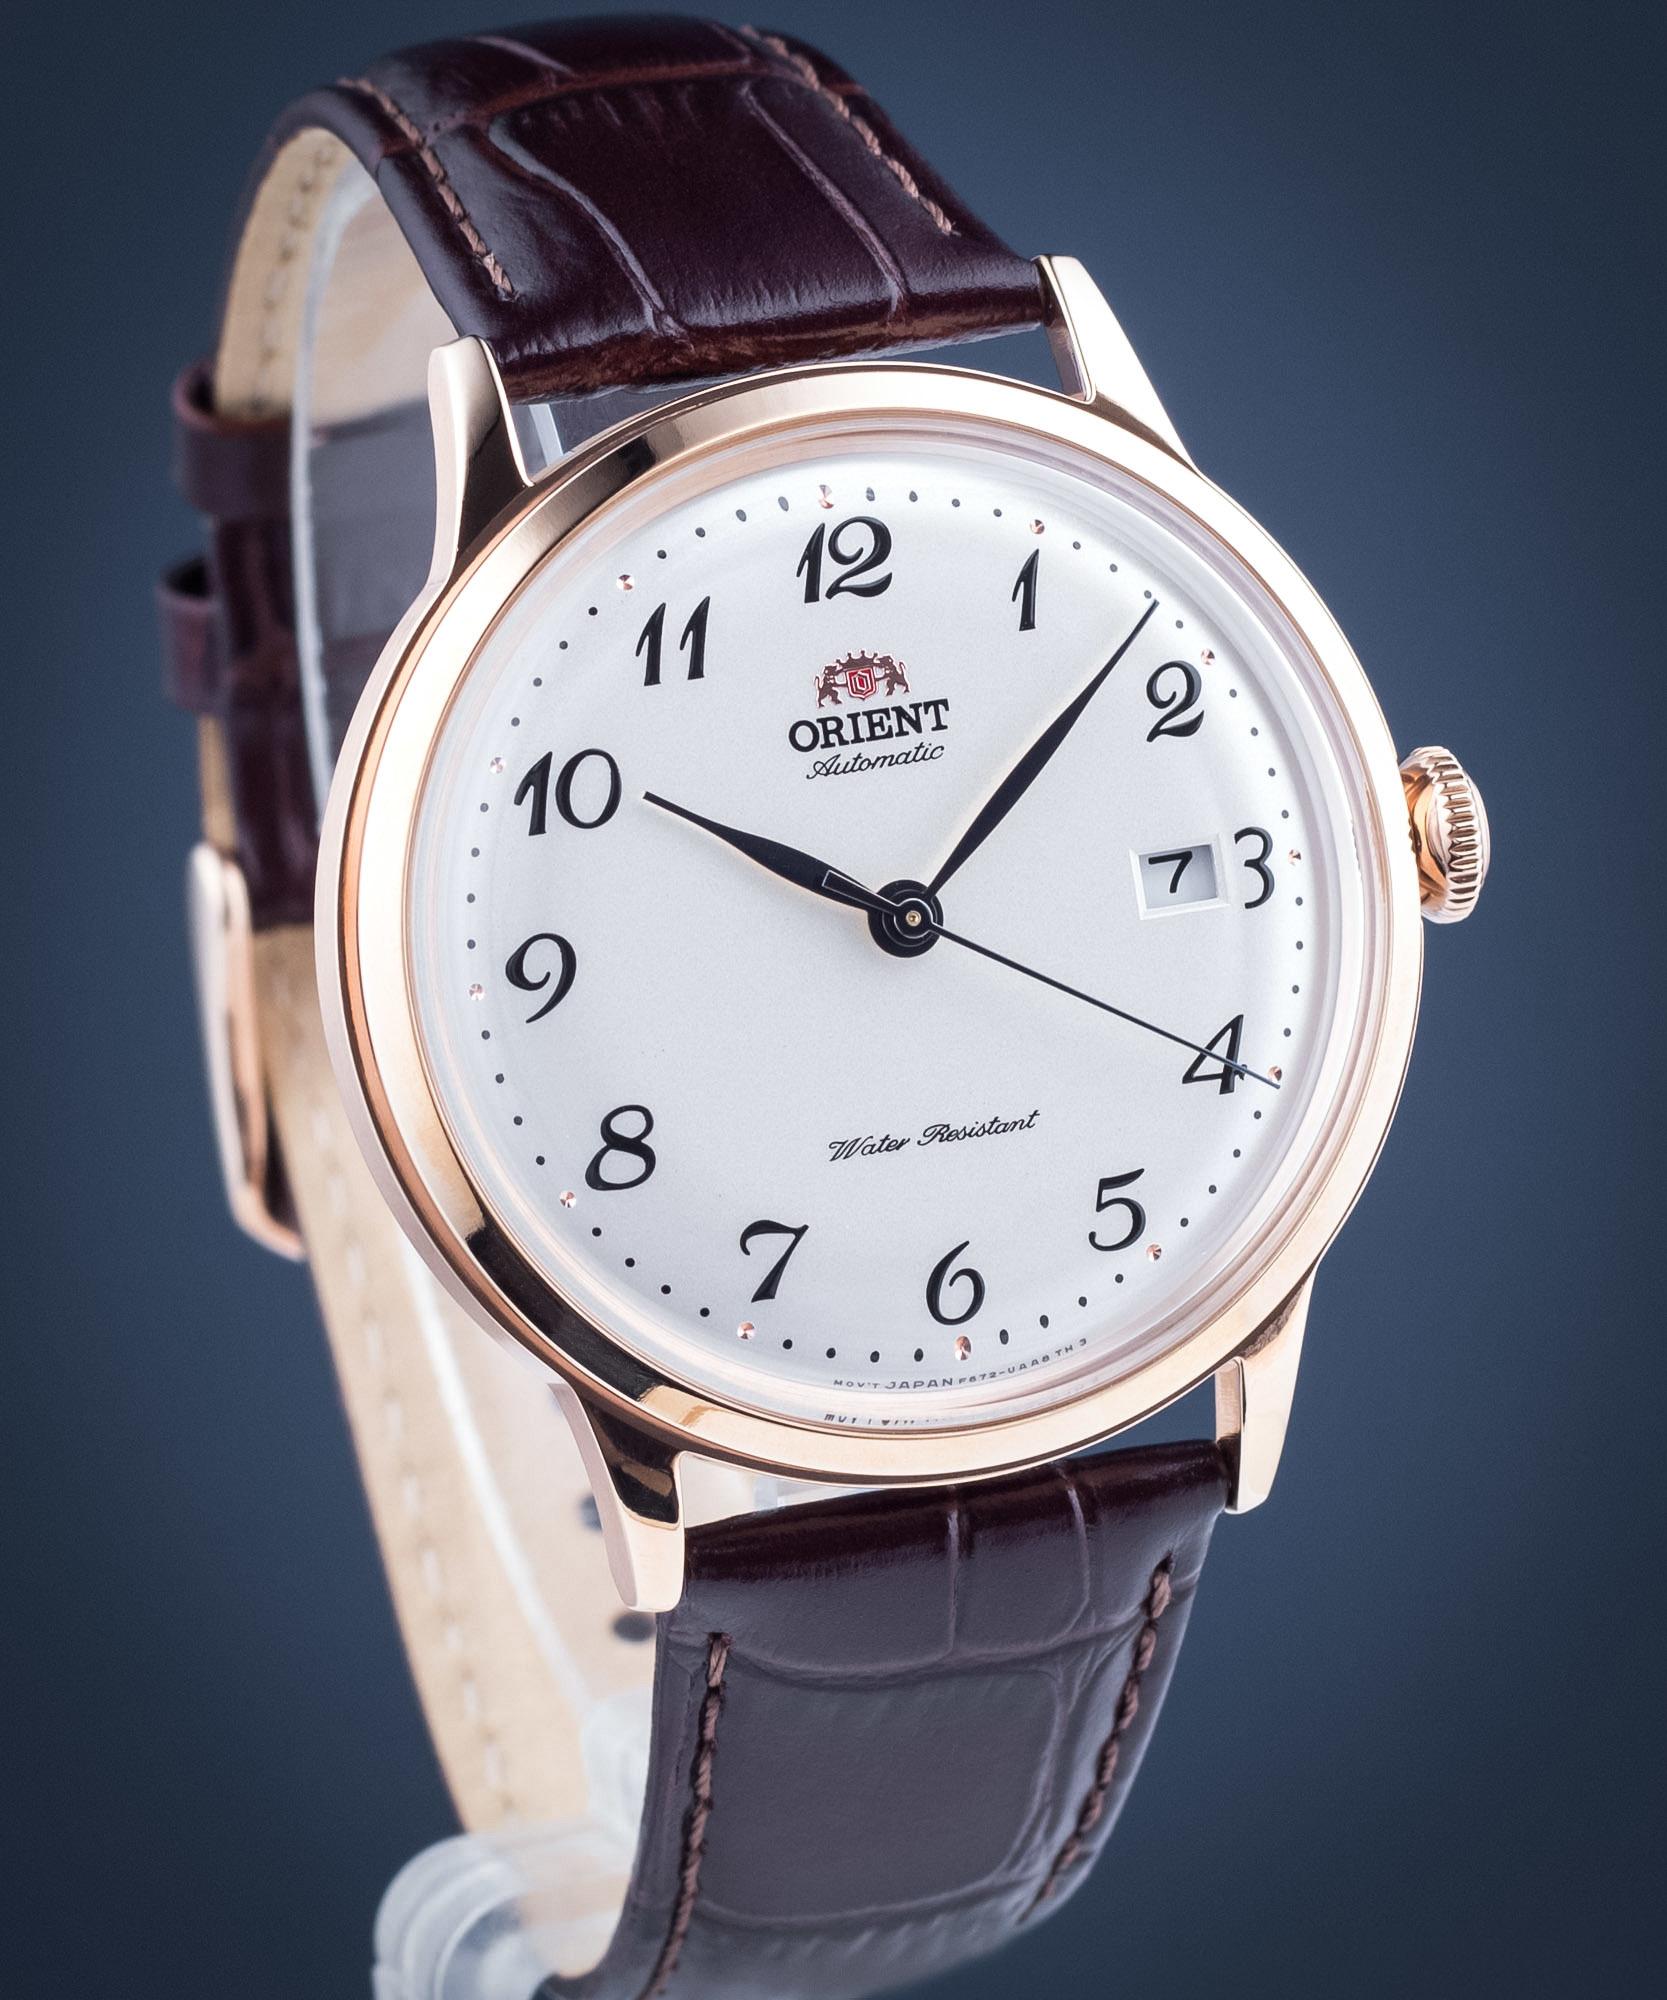 Orient RA-AC0001S10B > Wysyłka tego samego dnia Grawer 0zł Darmowa dostawa Kurierem/Inpost Darmowy zwrot przez 100 DNI